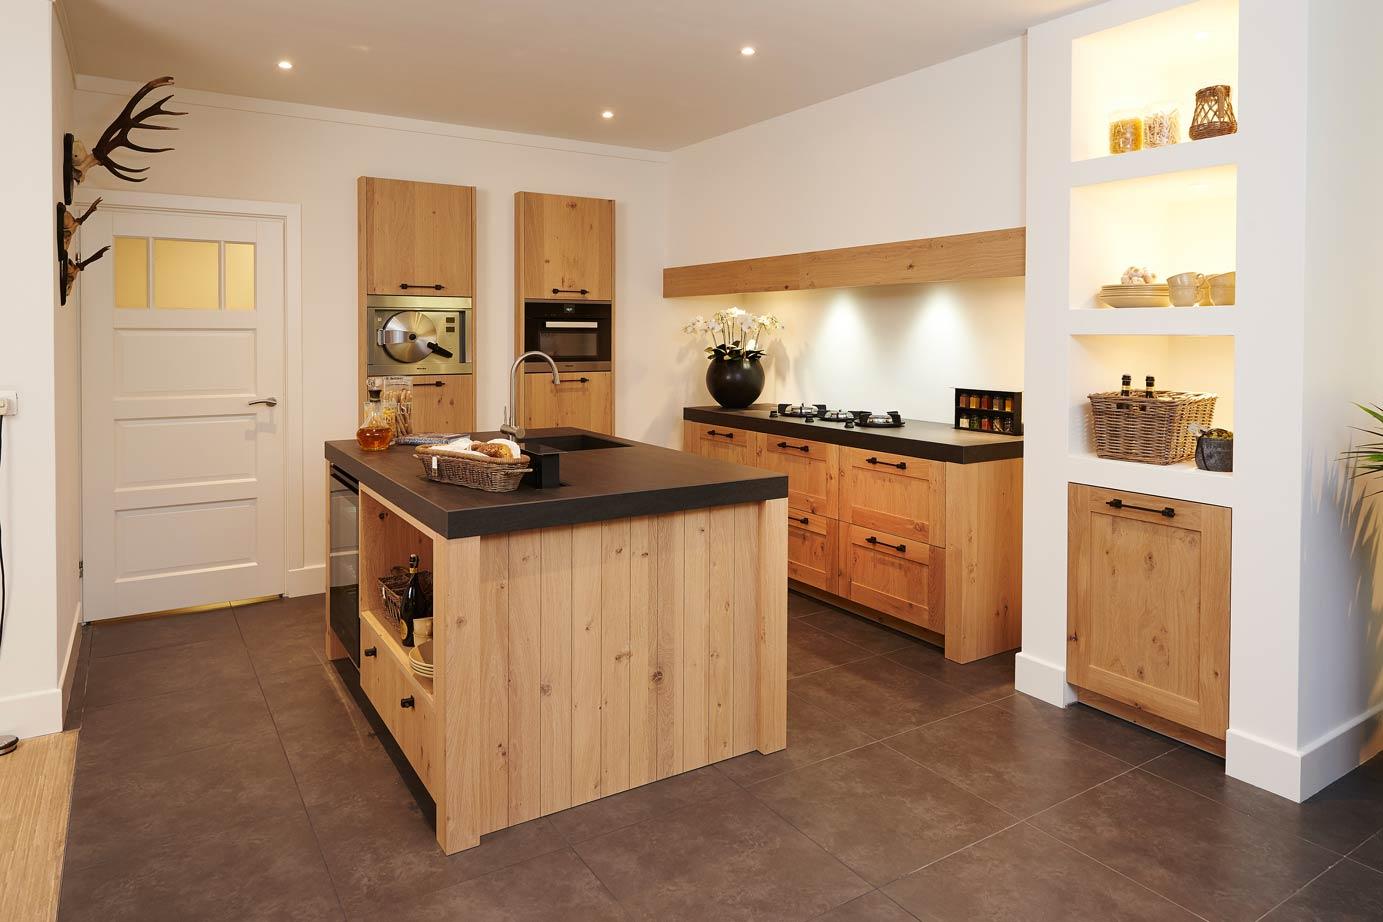 Van Hout Keukens : Houten keuken strak met ambachtelijk eiken db keukens